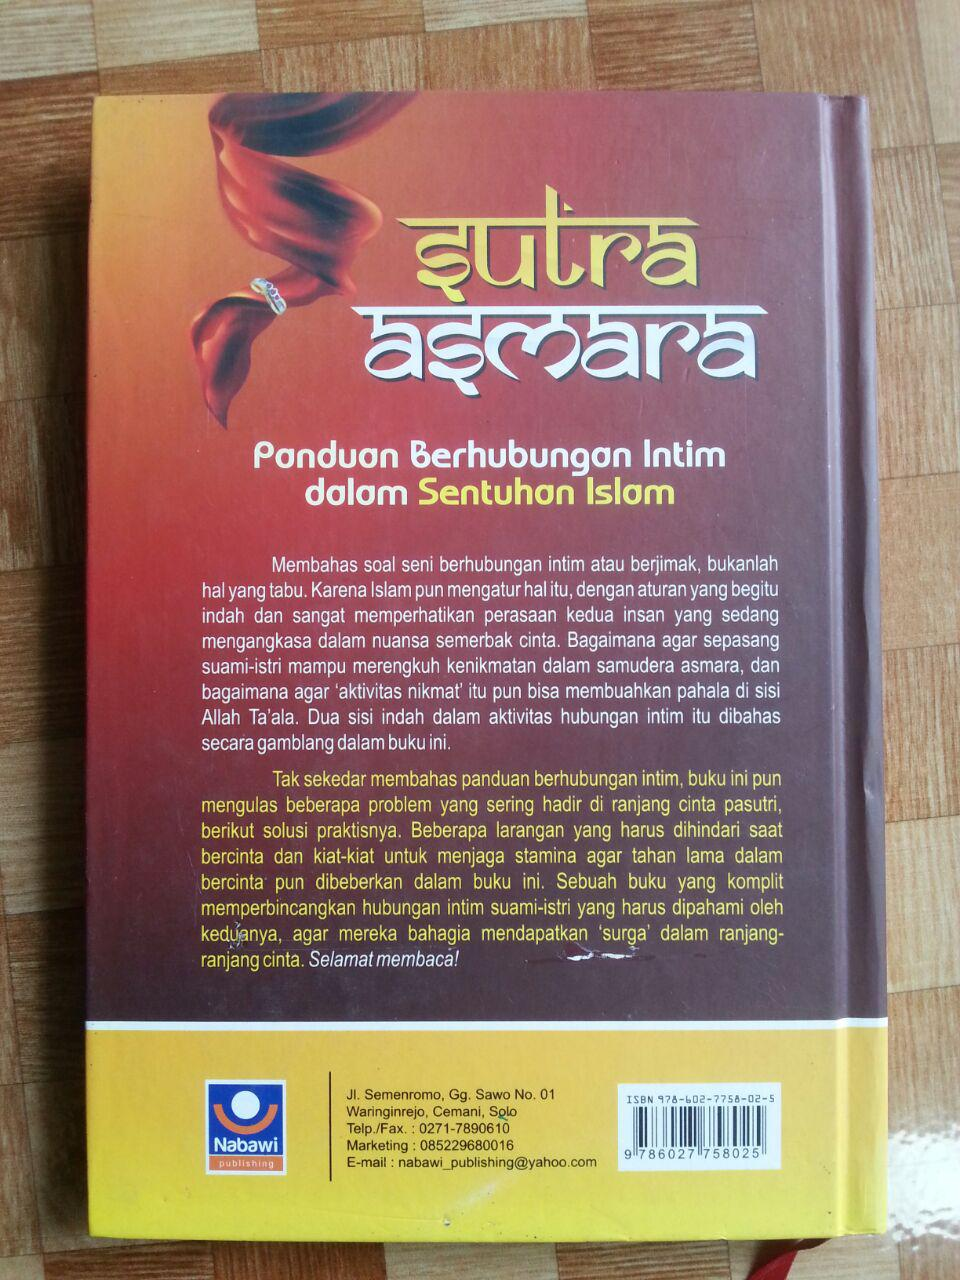 Buku Sutra Asmara cover